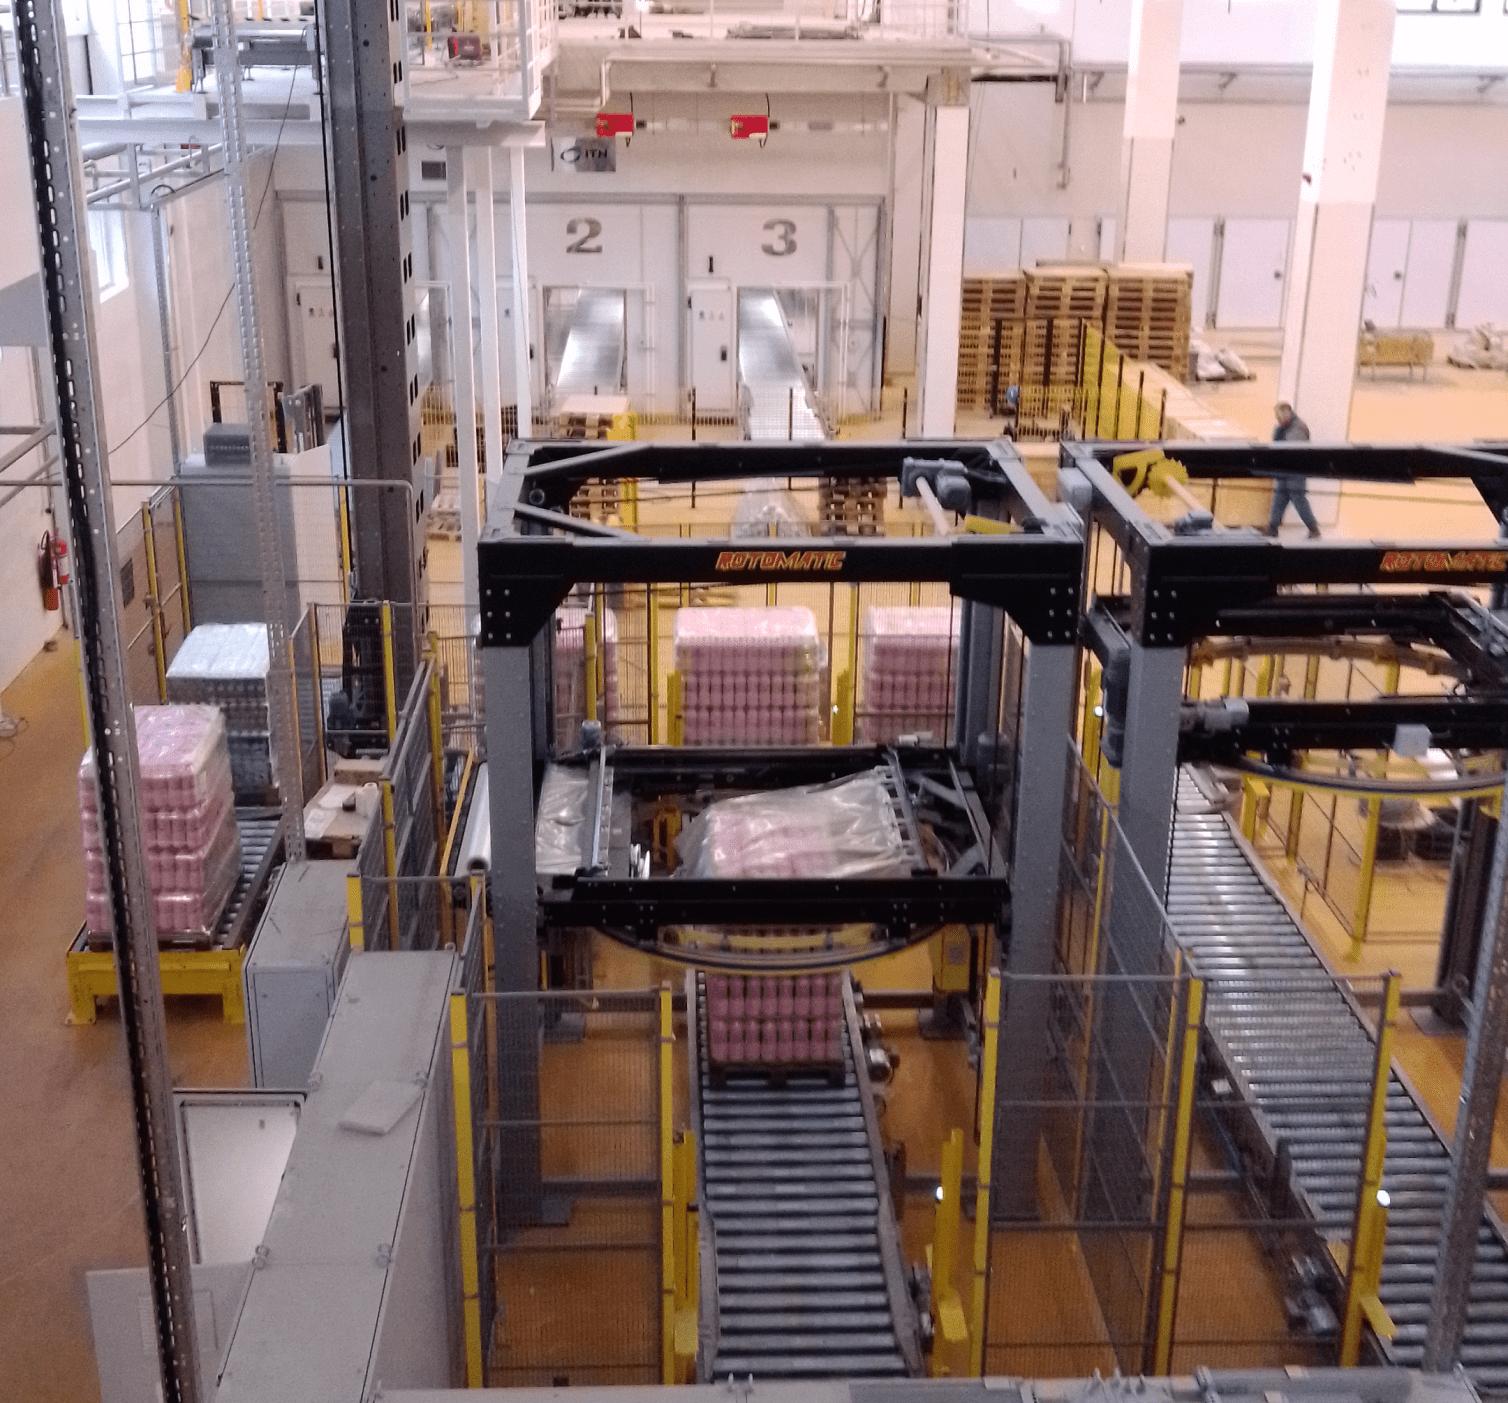 industrijski-objekti-ad-imlek-2